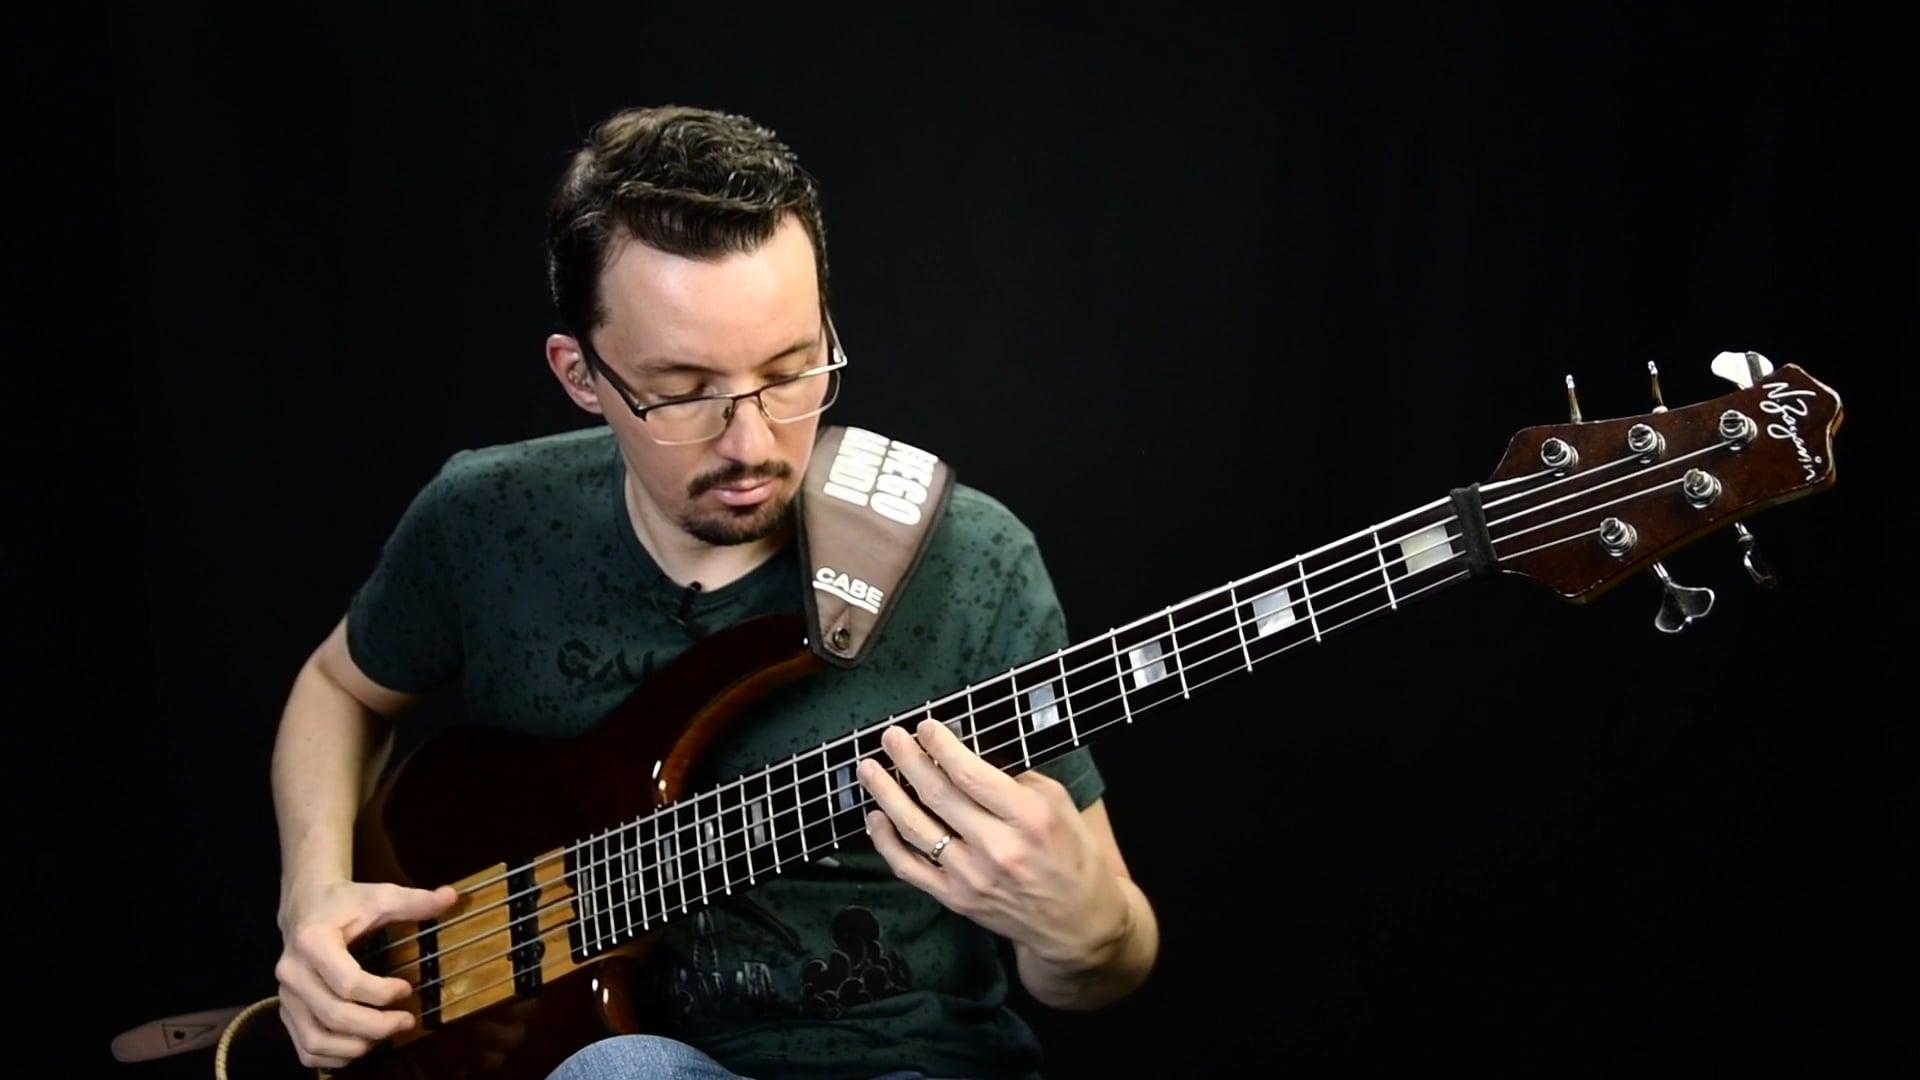 Chords Groove - Exercício em Intervalos de 10ª